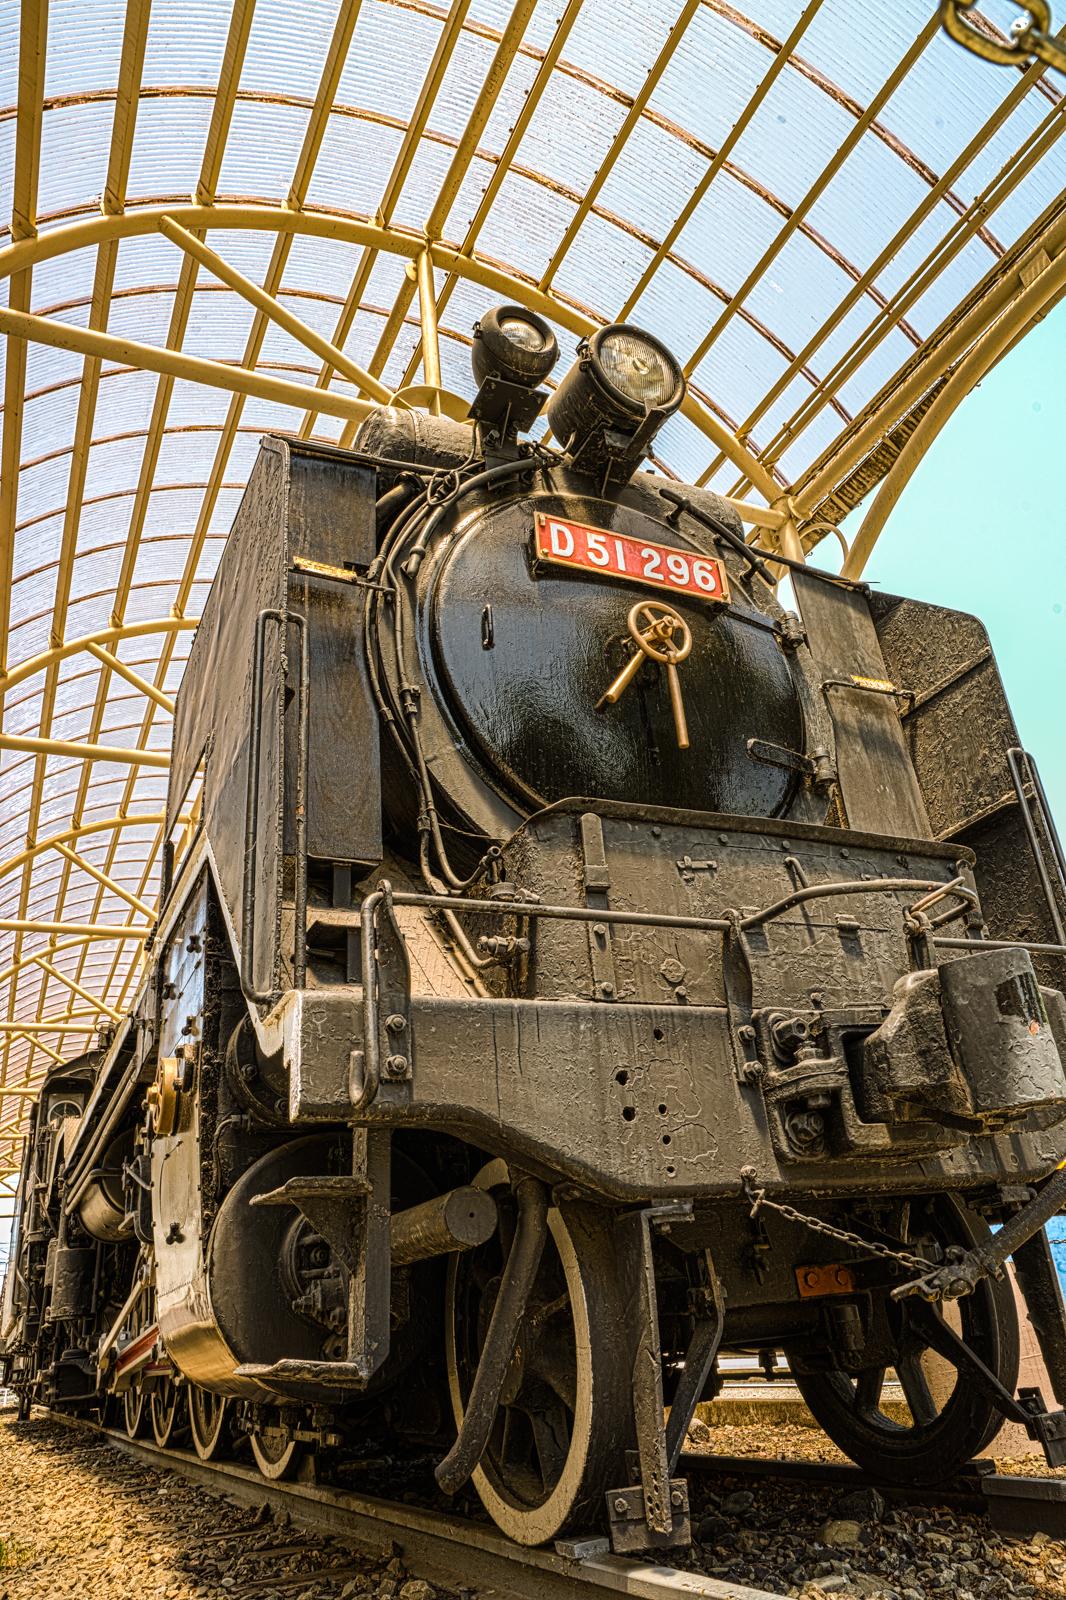 ローアングルで撮影したD51型蒸気機関車296の写真 HDR